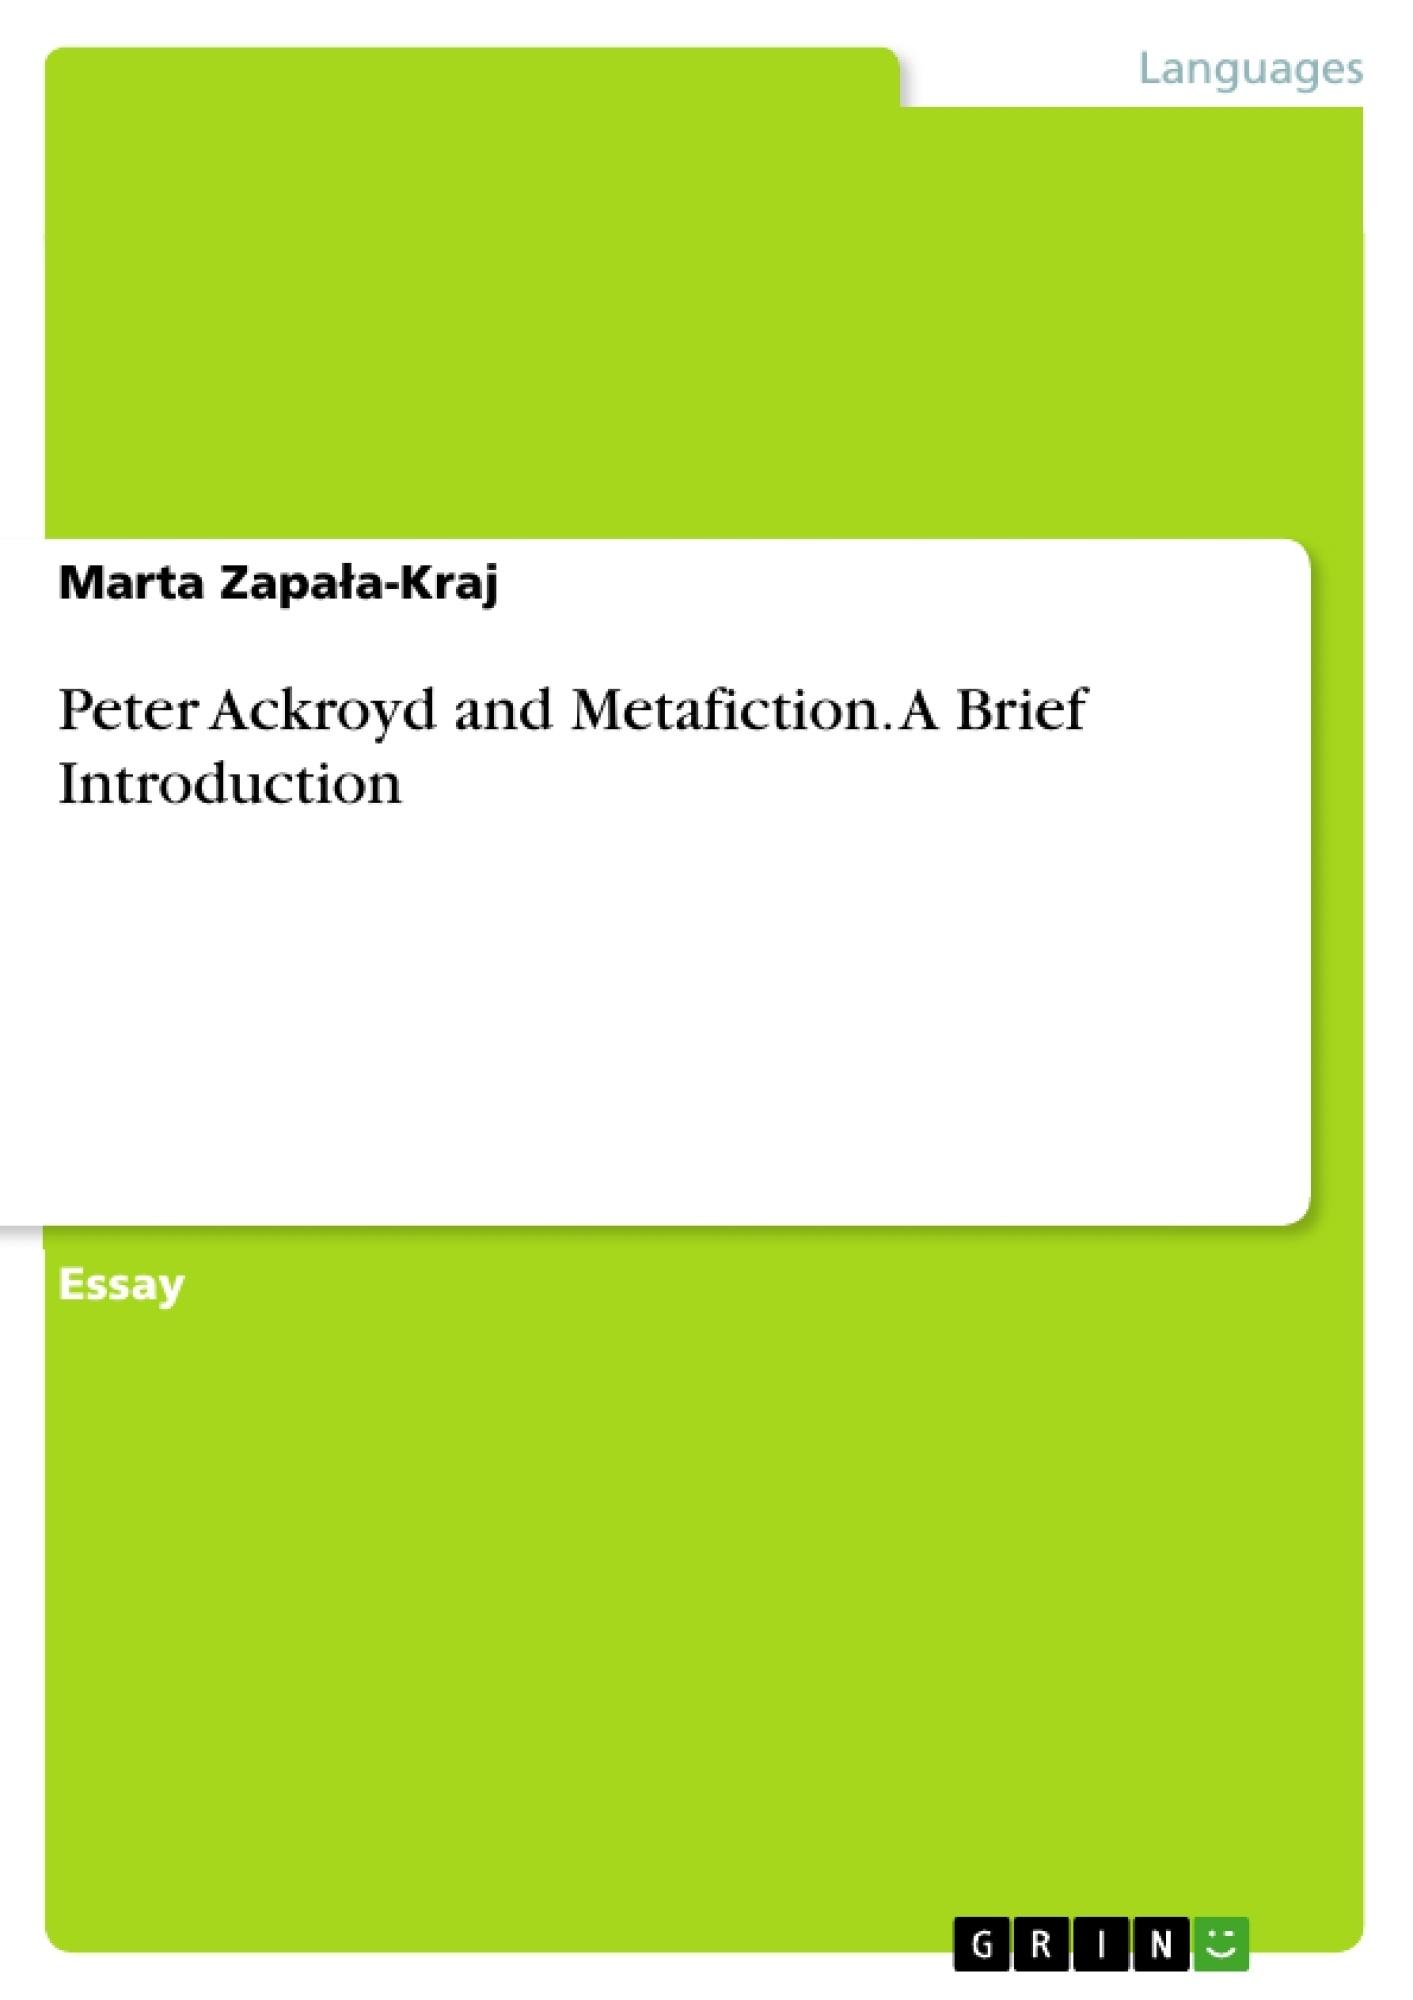 thesis on metafiction